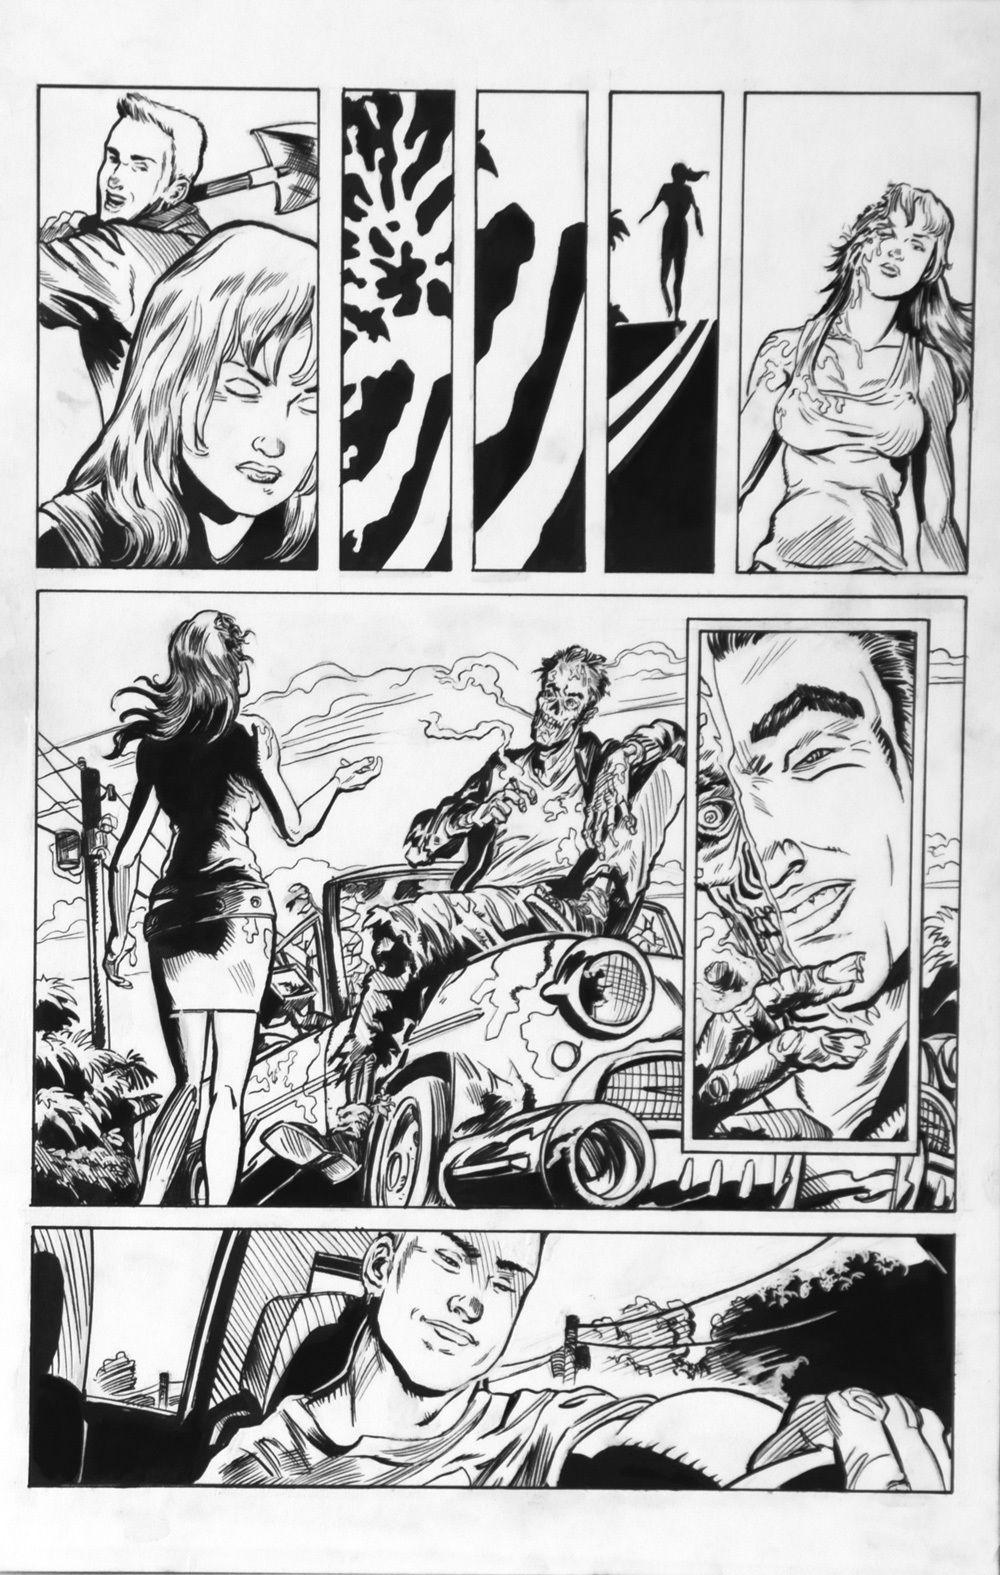 DEAN KOTZ Original Published Art, TRAILER PARK of TERROR #5 page 21, Zombies